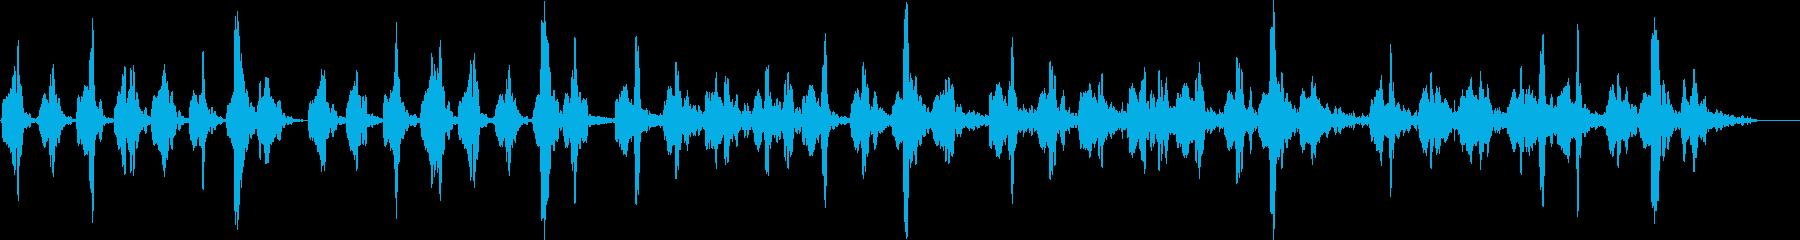 柔らかい音空間の優しいアンビエントの再生済みの波形